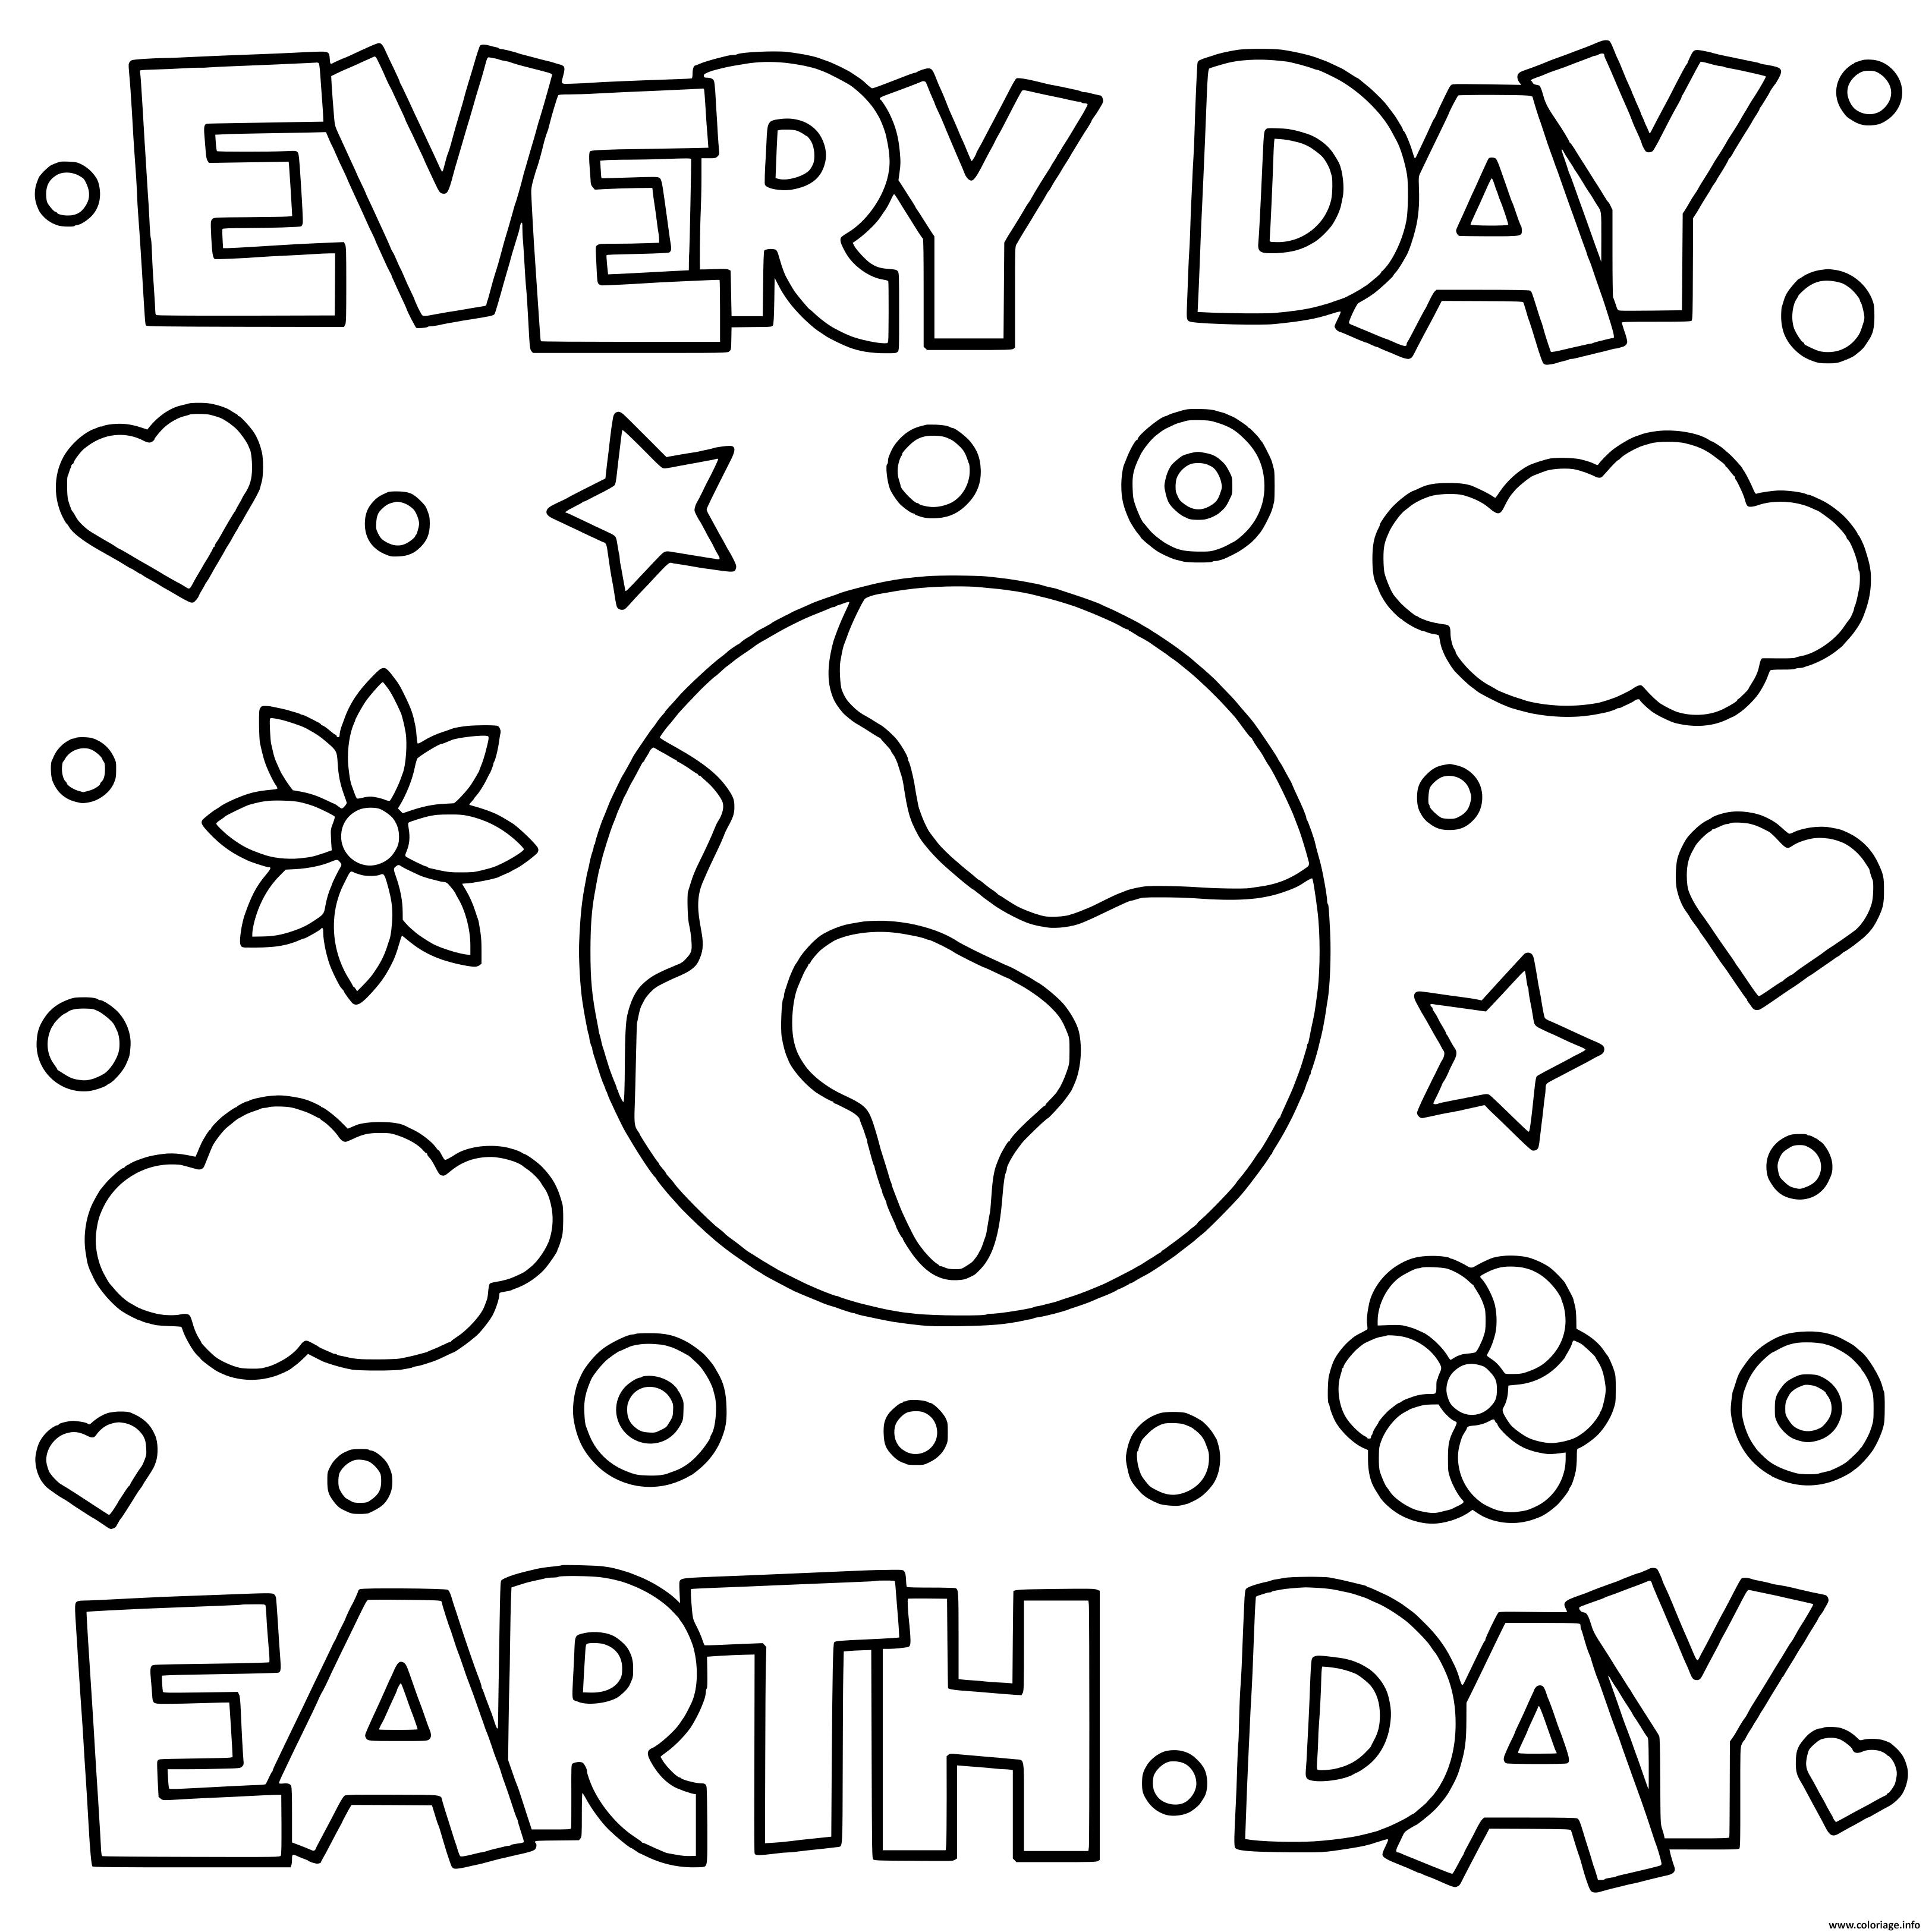 Dessin jour de la terre everyday earth day Coloriage Gratuit à Imprimer